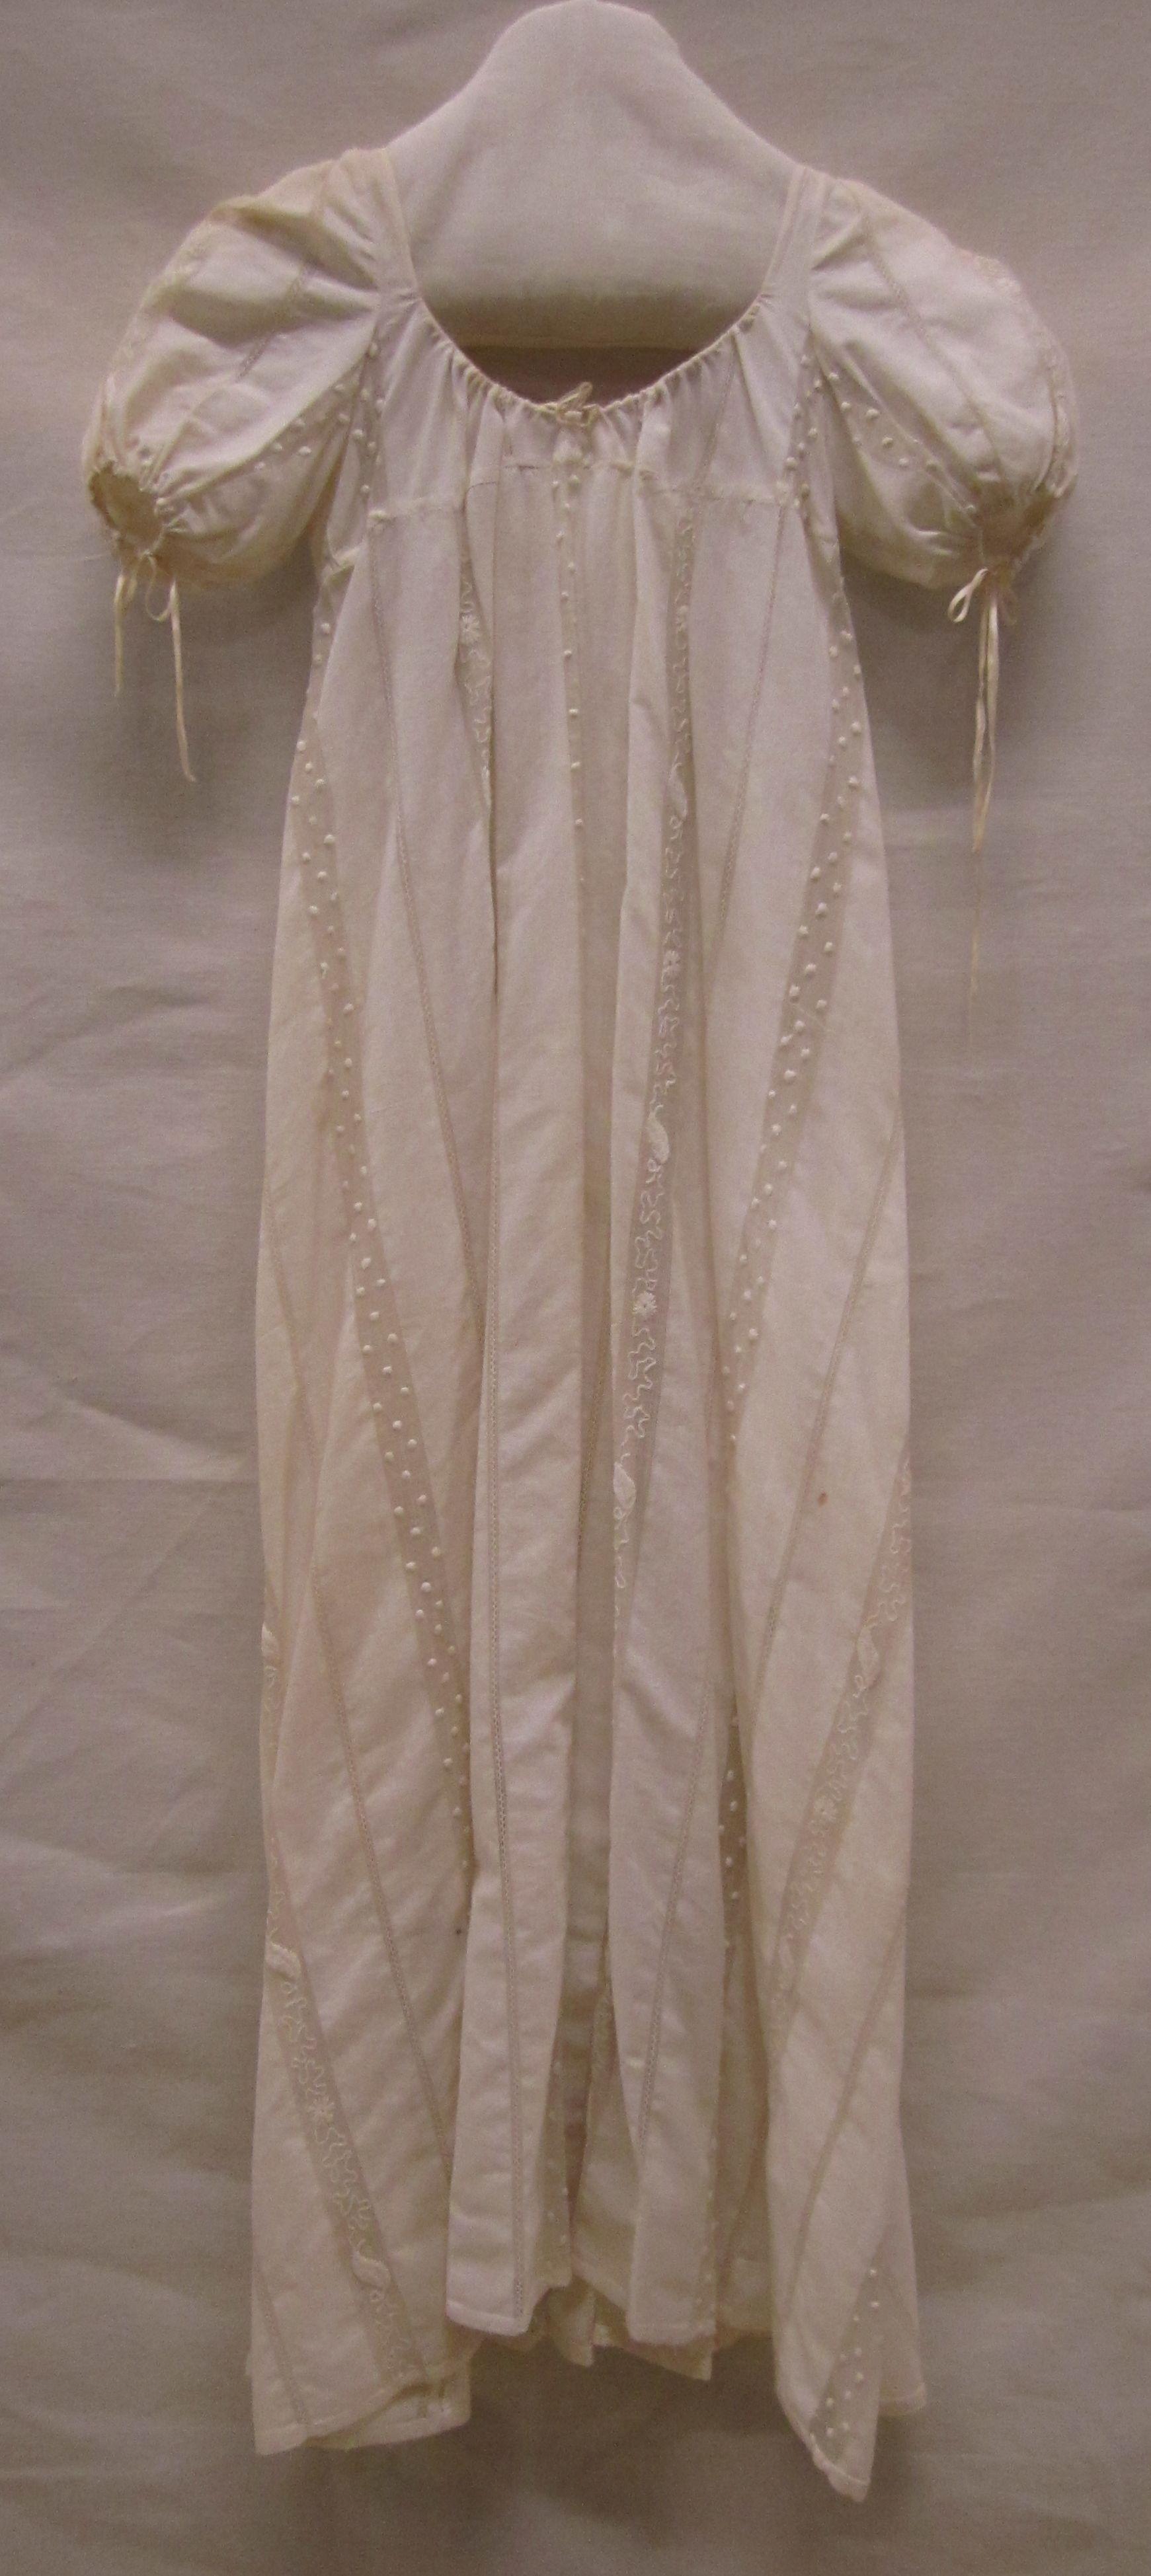 Japon | gown, ca. 1810, ingeweven open strepen | interwoven open stripes, Gemeentemuseum Den Haag. #gemeentemuseum #modemuze #janeausten